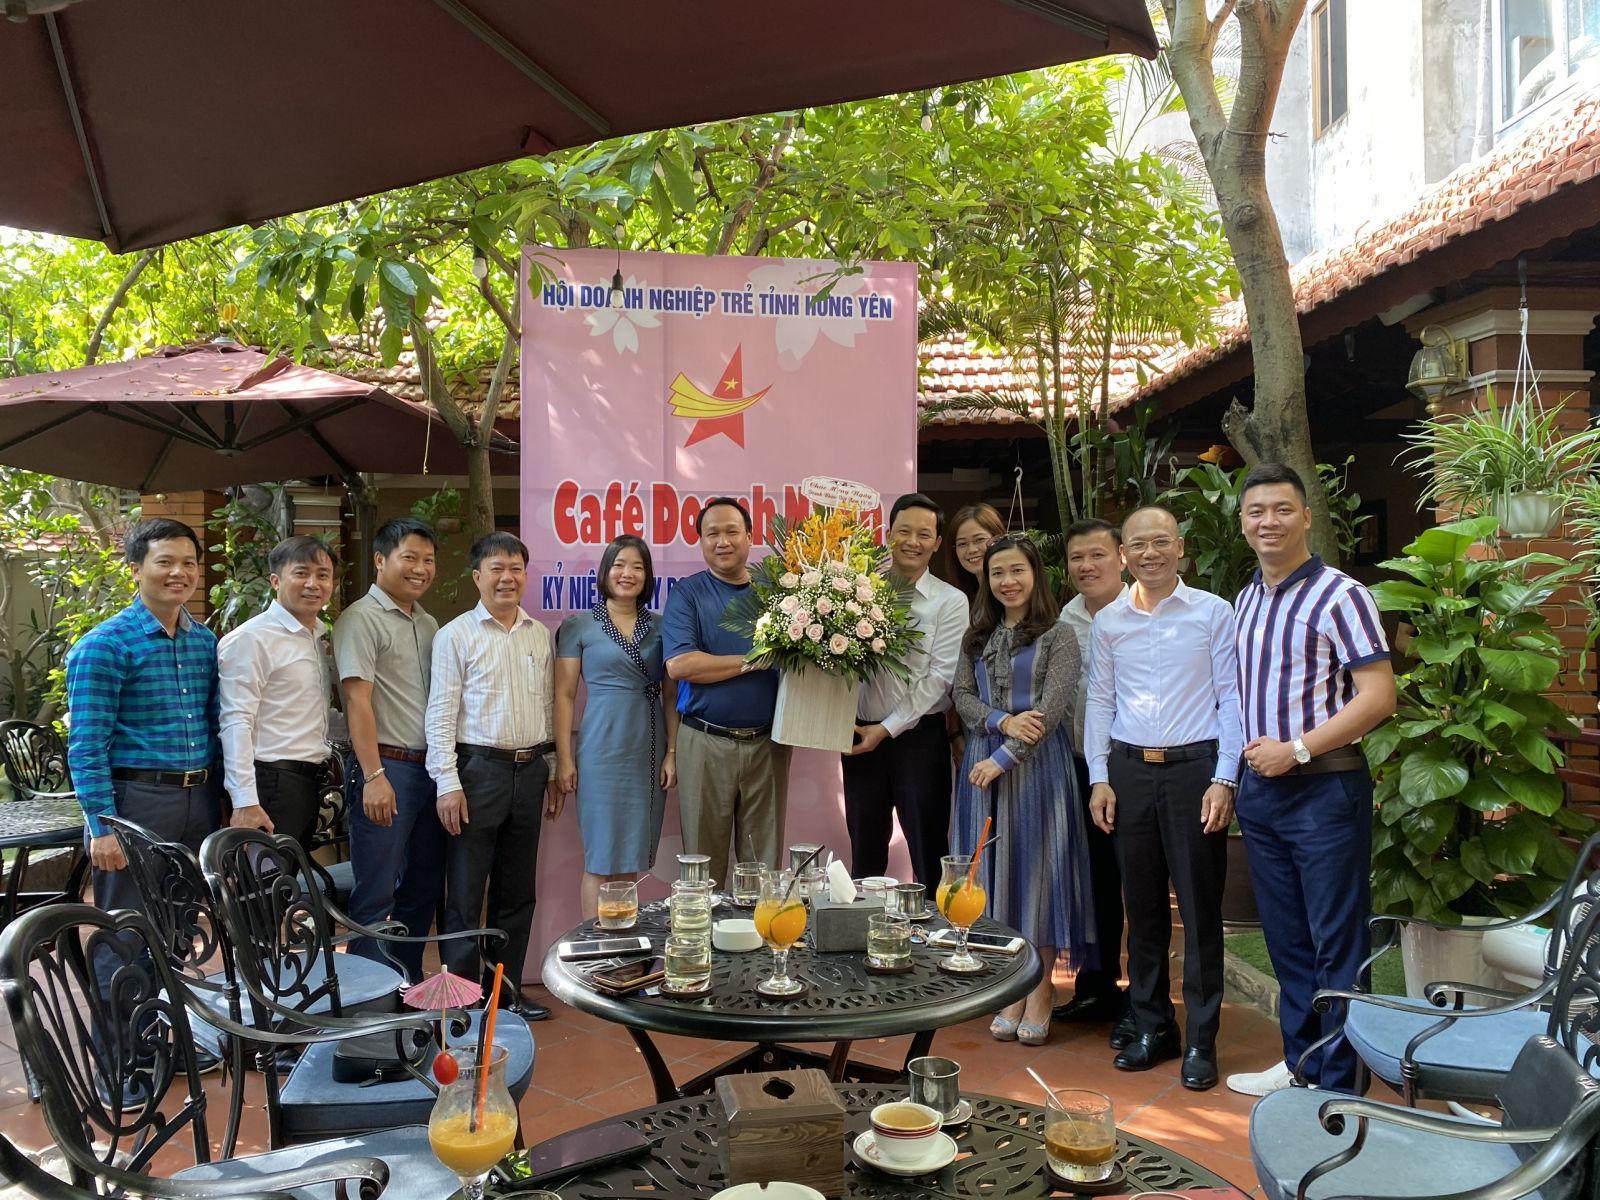 Hội Doanh nghiệp trẻ Hưng yên tổ chức chương trình Cafe Doanh nhân, chào mừng kỉ niệm ngày Doanh nhân Việt Nam.